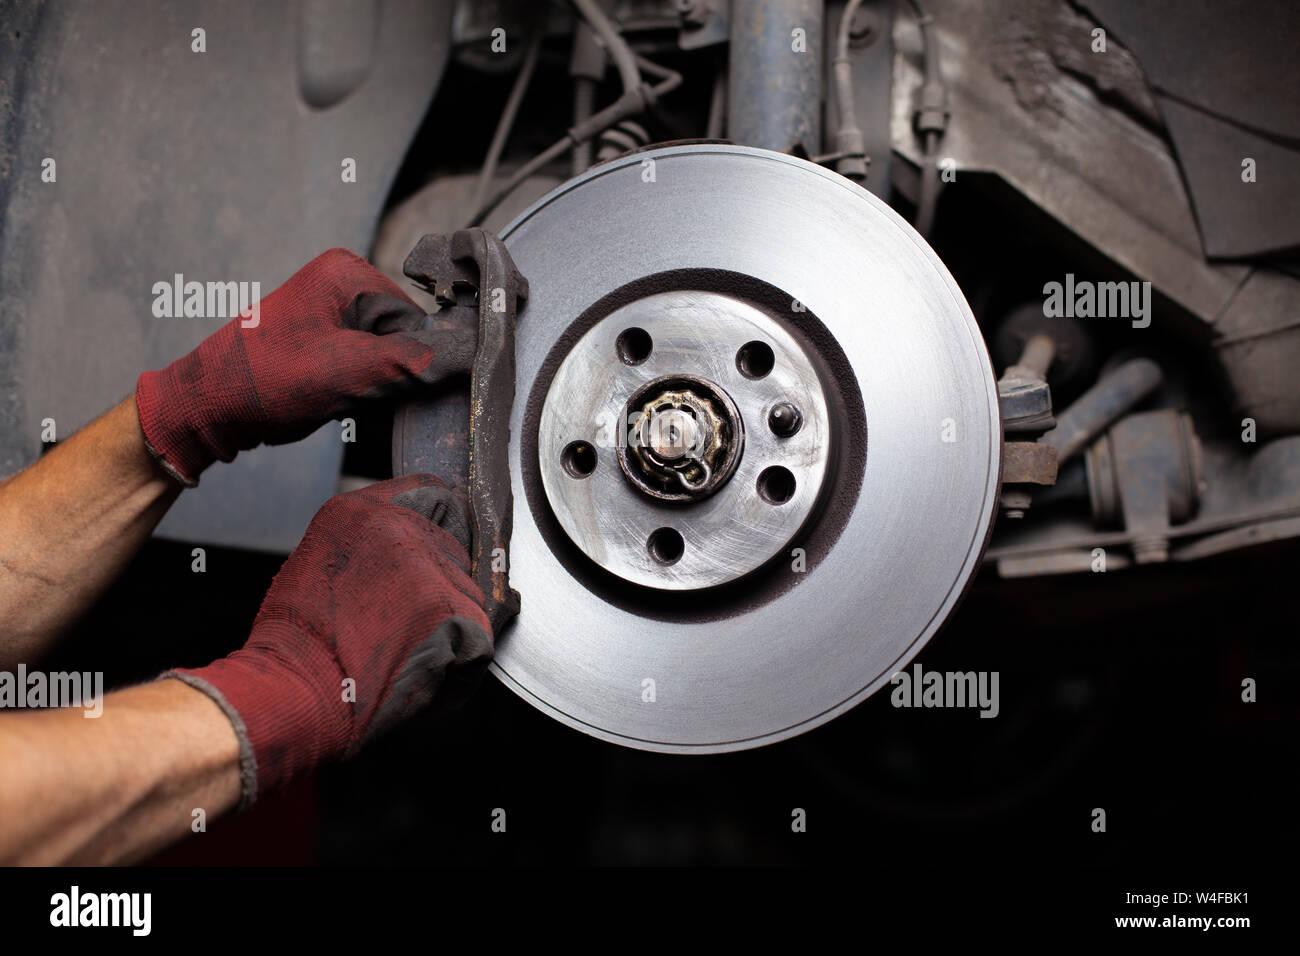 Brake Job Stock Photos & Brake Job Stock Images - Alamy